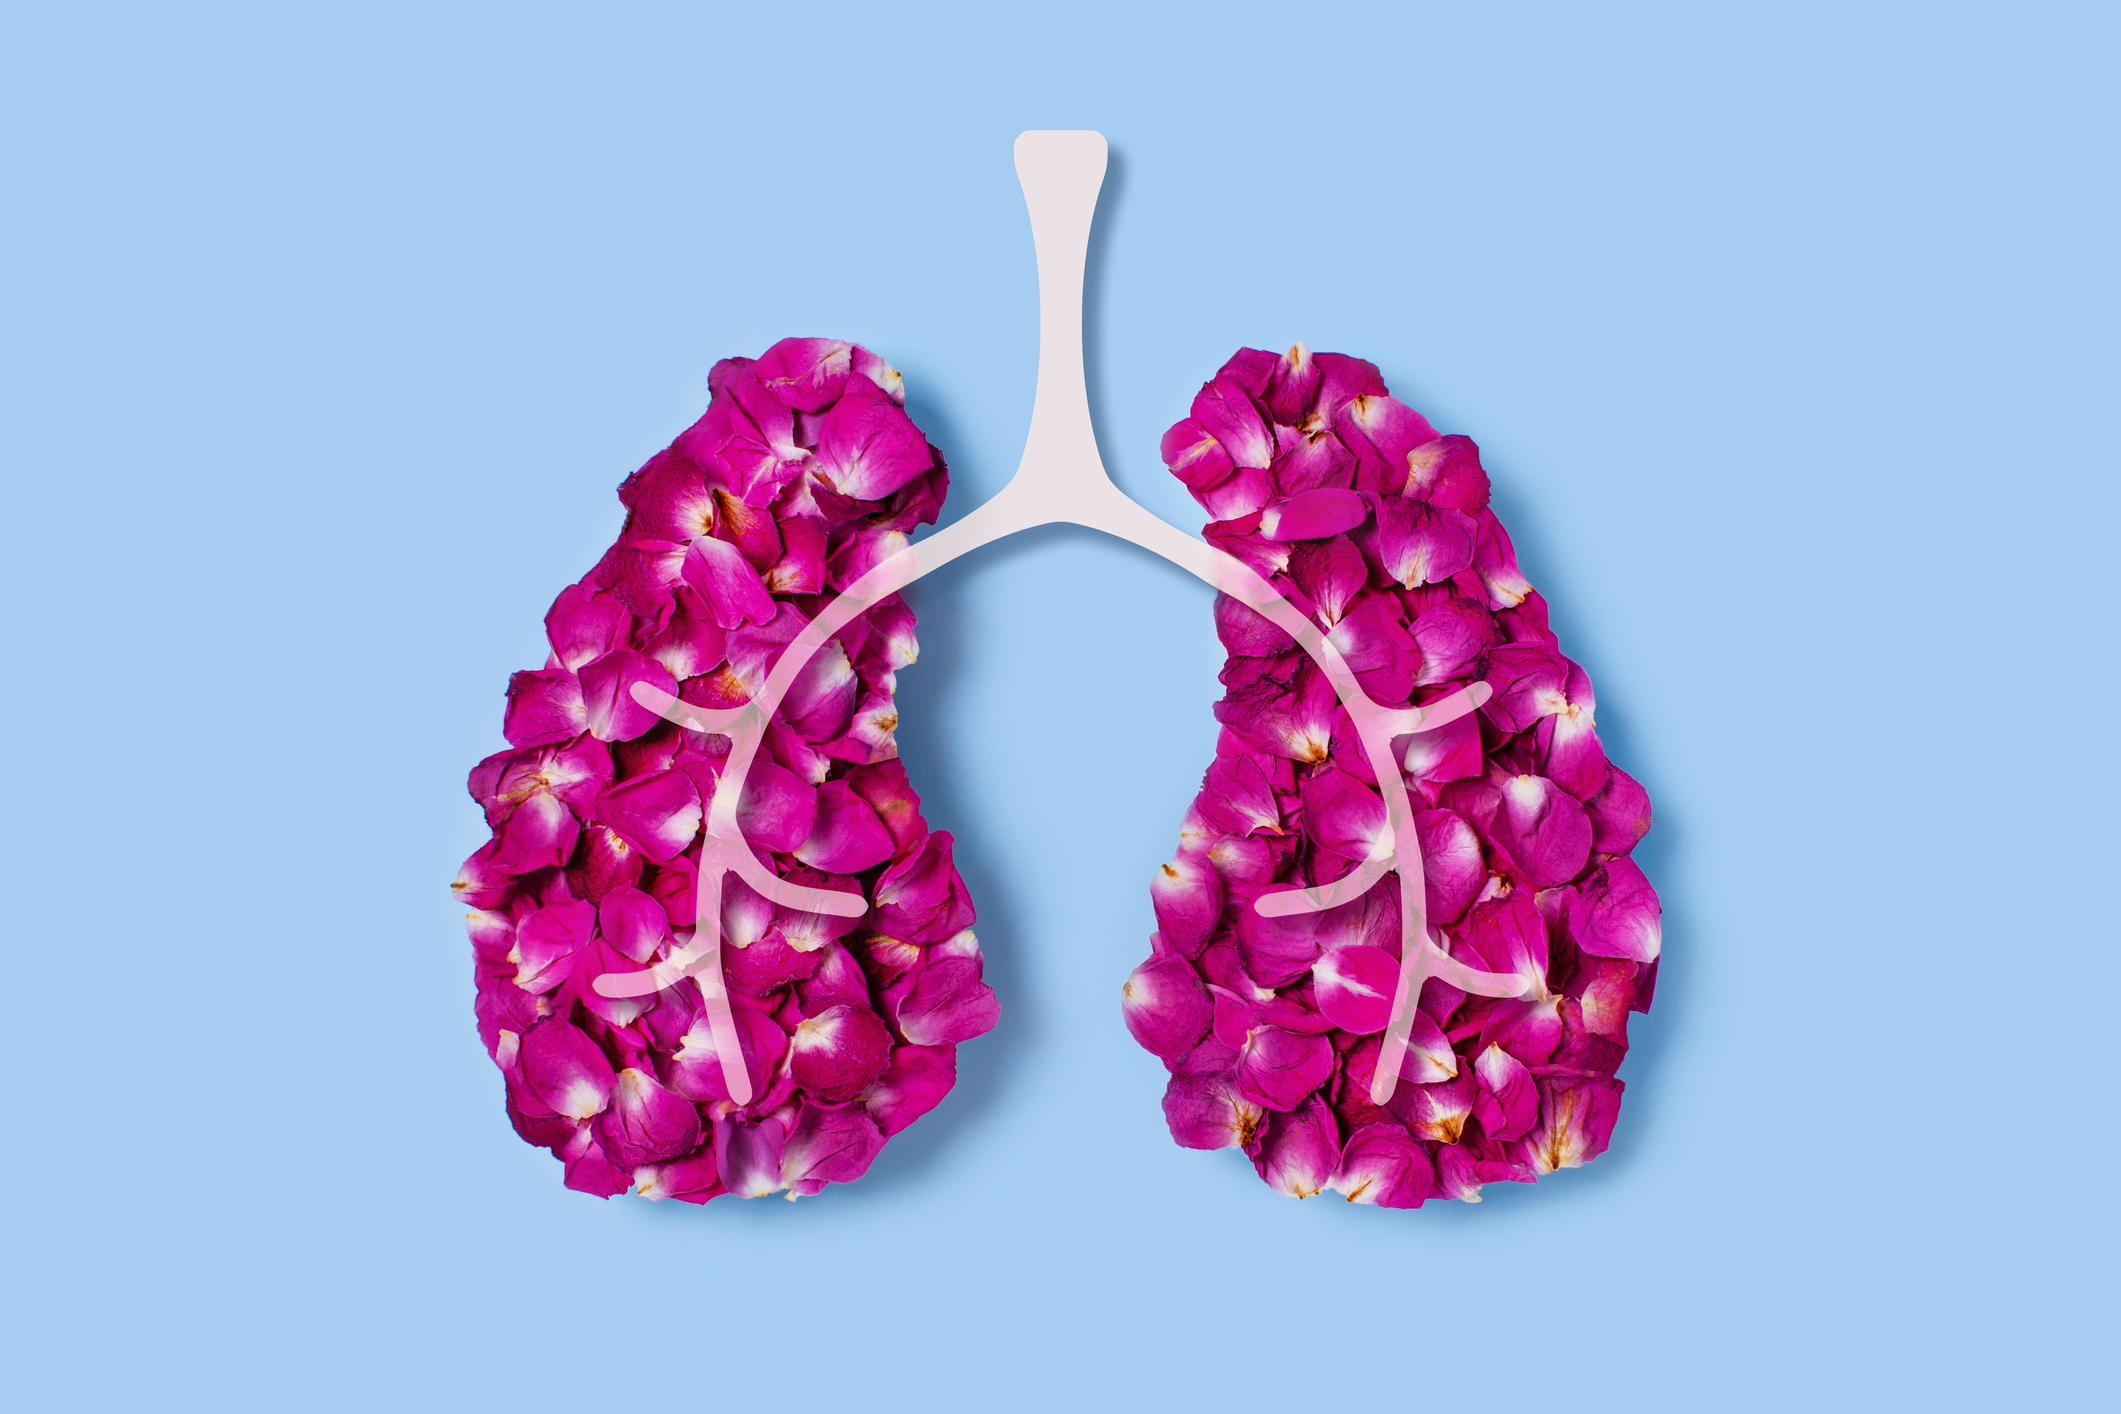 Pomáha domáca liečba a bylinky na zápal pľúc?